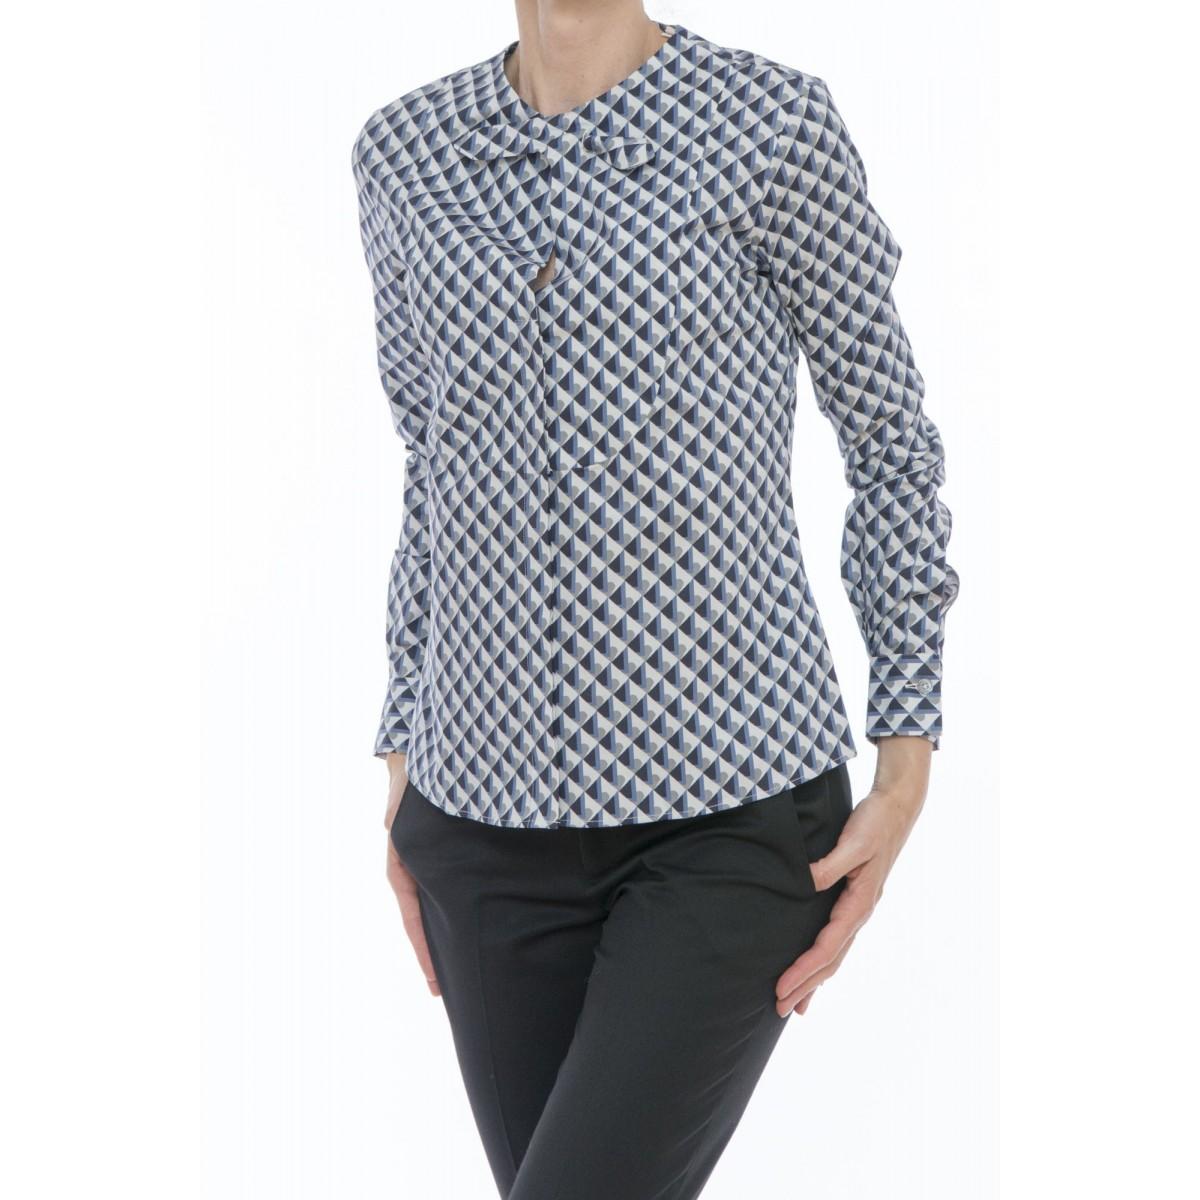 Camicia donna Archivio '67 - Rp6 zh5 camicia blusa